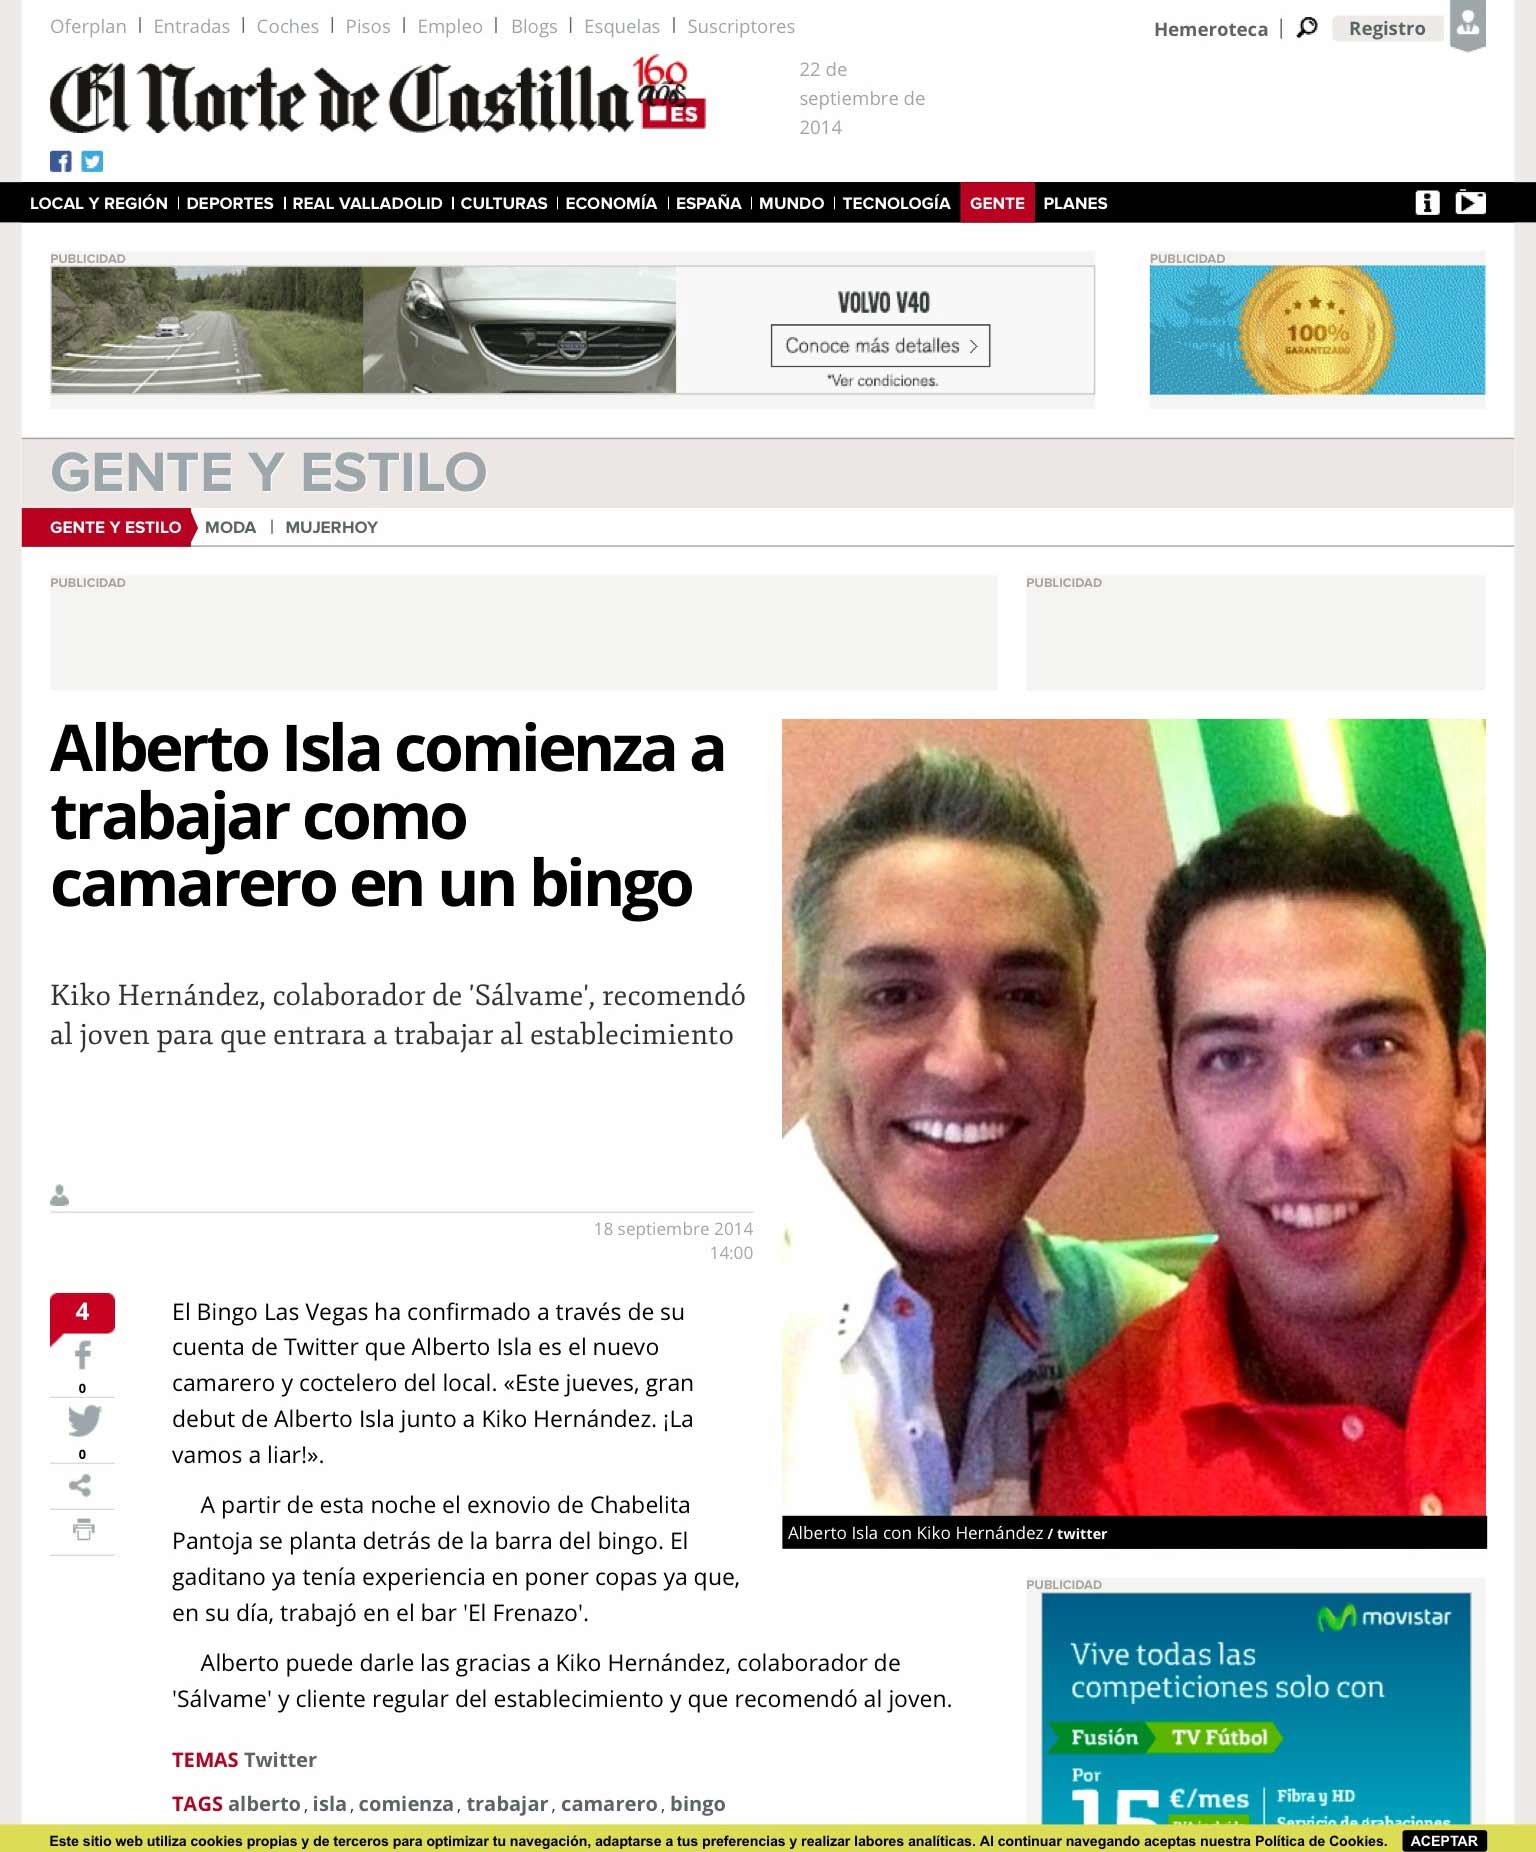 Alberto Isla comienza a trabajar ocmo camarero en un bingo